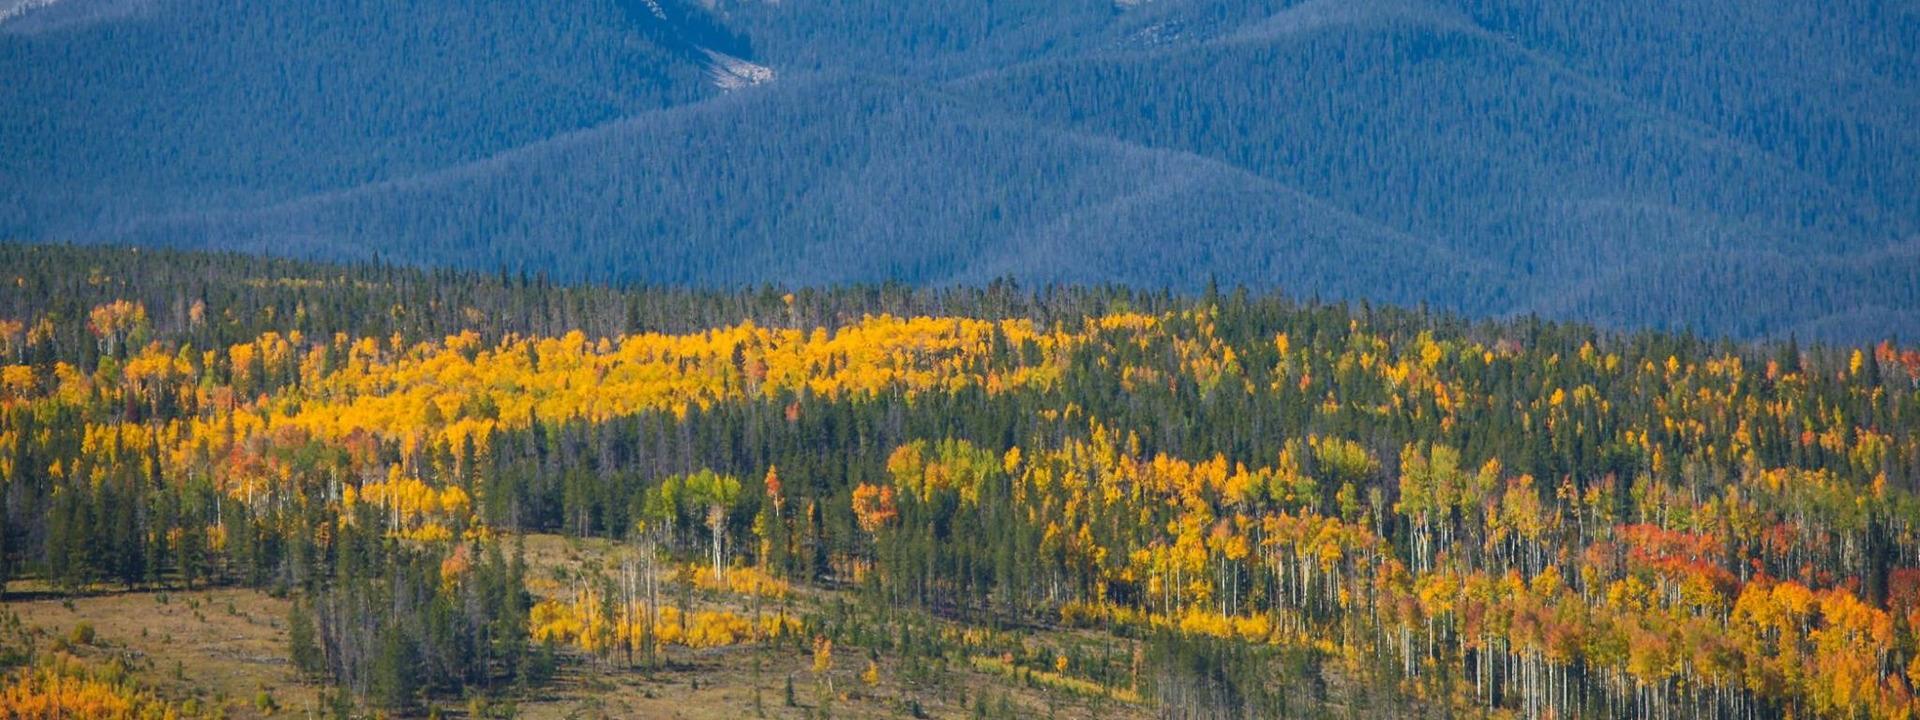 Byers Peak in Fall near Winter Park, Colorado